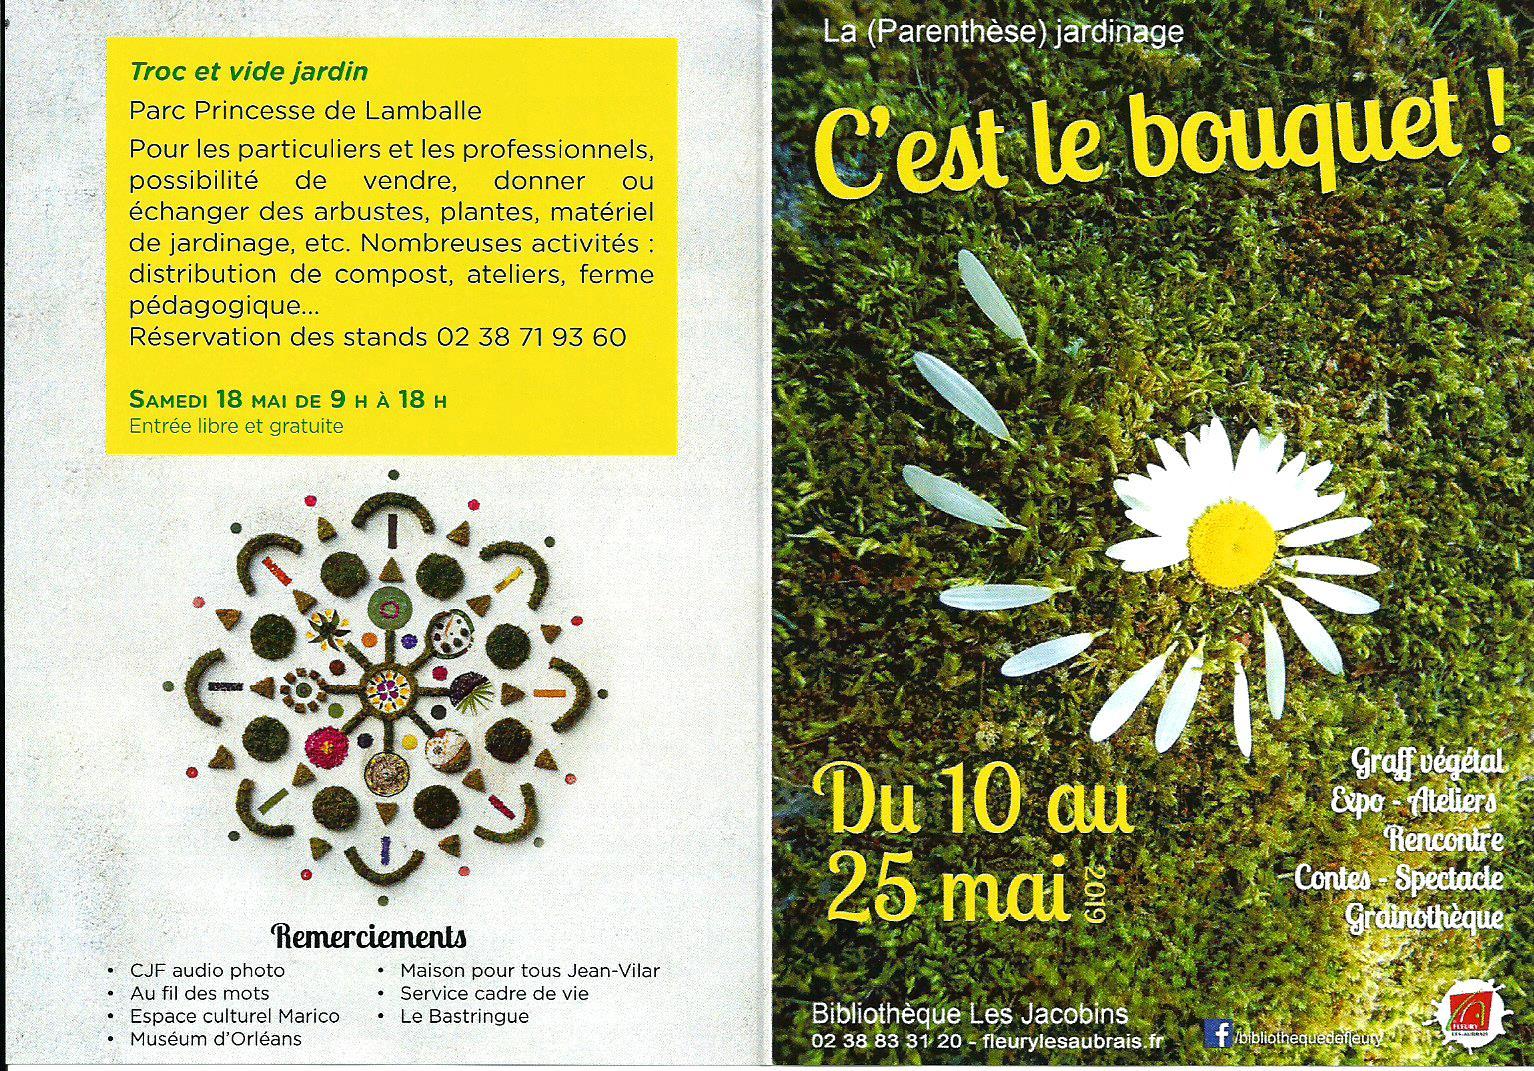 Scan C'est le bouquet! bibliothèque les Jacobins 2019 ( 10 au 2.jpg